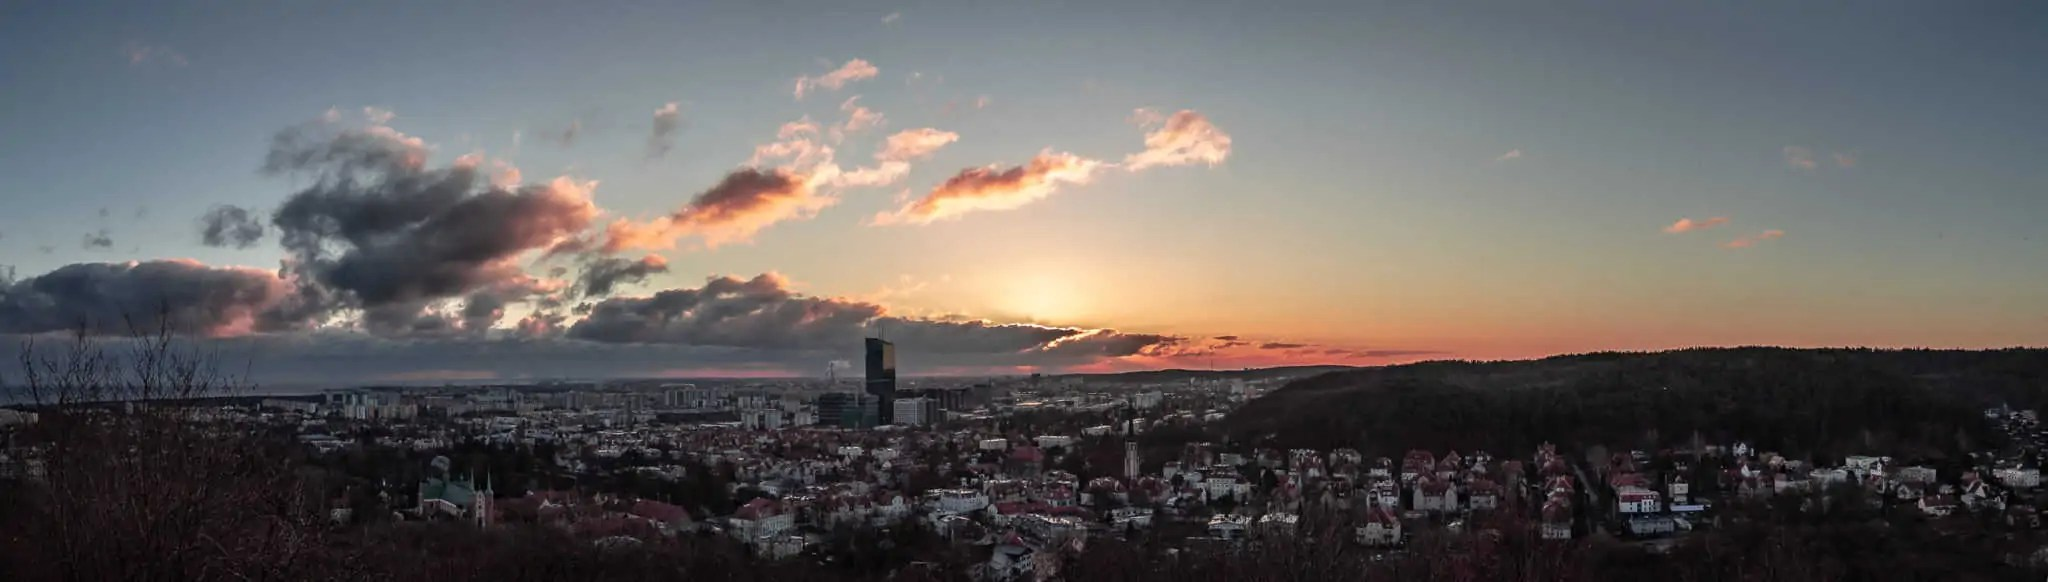 Panorama Gdańsk Oliwa wschód słońca pachołek 3 scaled - Najlepszy prezent dla fotografa jest darmowy. Resztę kupisz do 100 pln